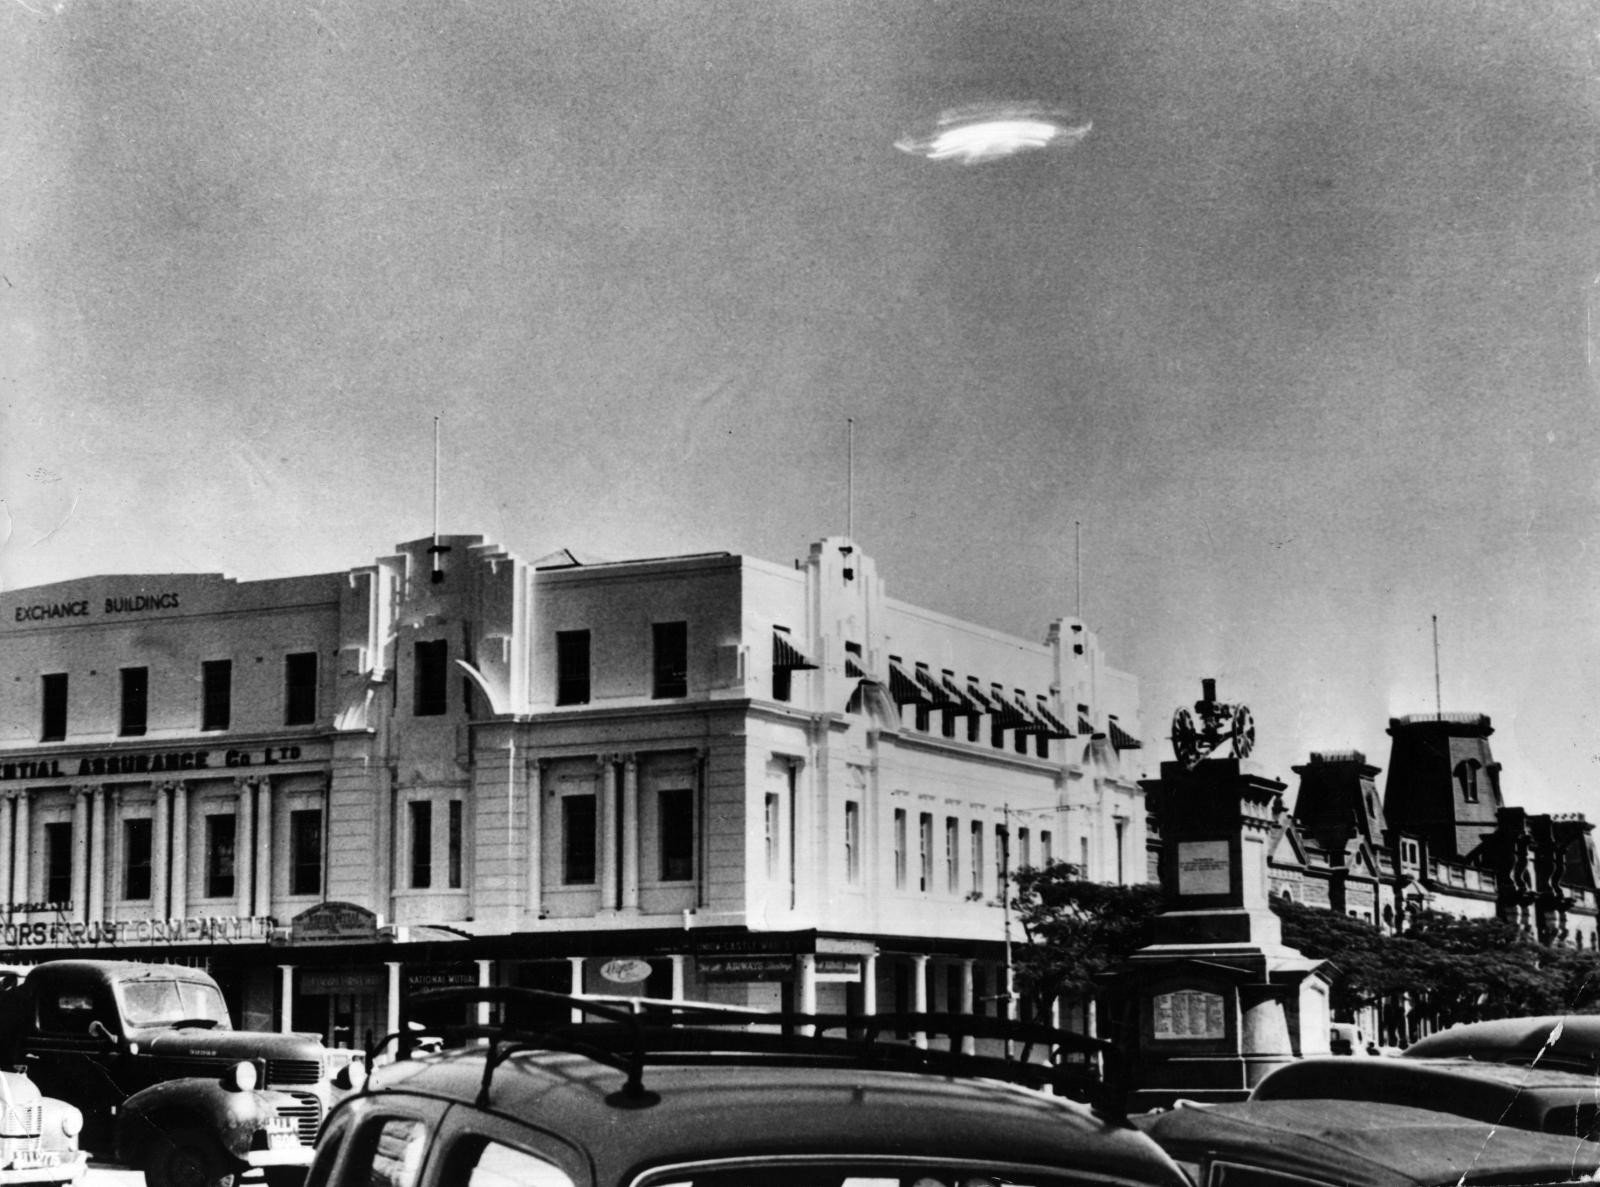 Unidentified Flying Object/UFO